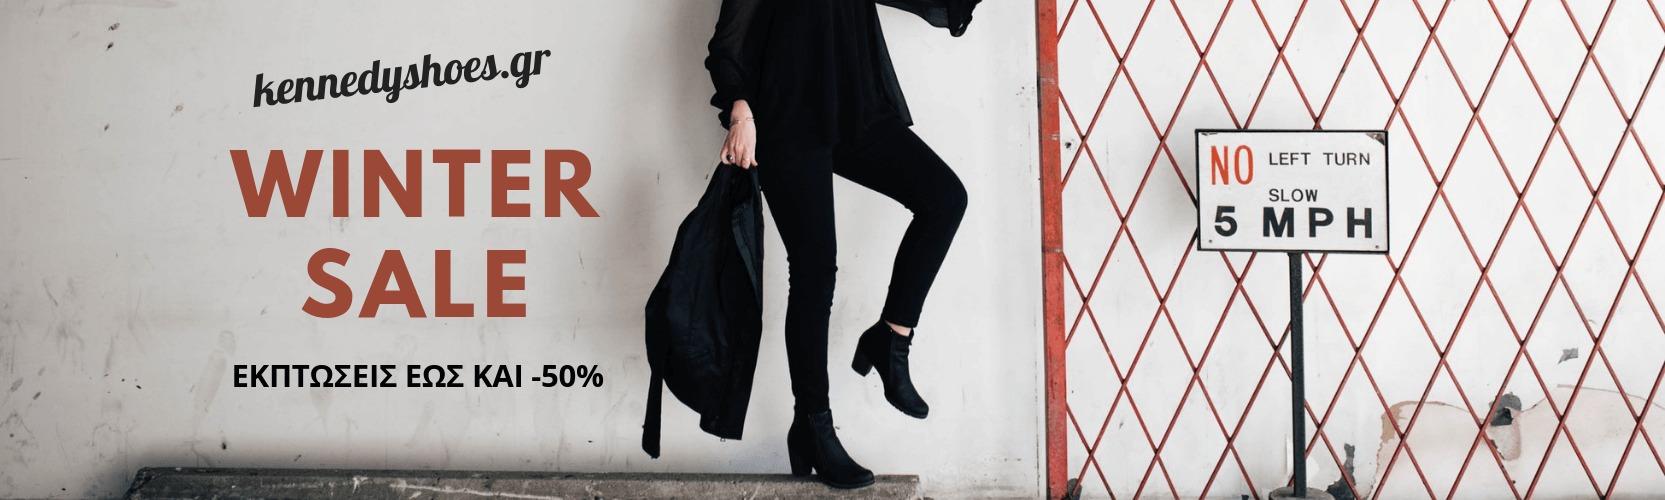 γυναικεια παπουτσια τσαντεσ χειμερινες εκπτωσεισ 2019 kennedy shoes